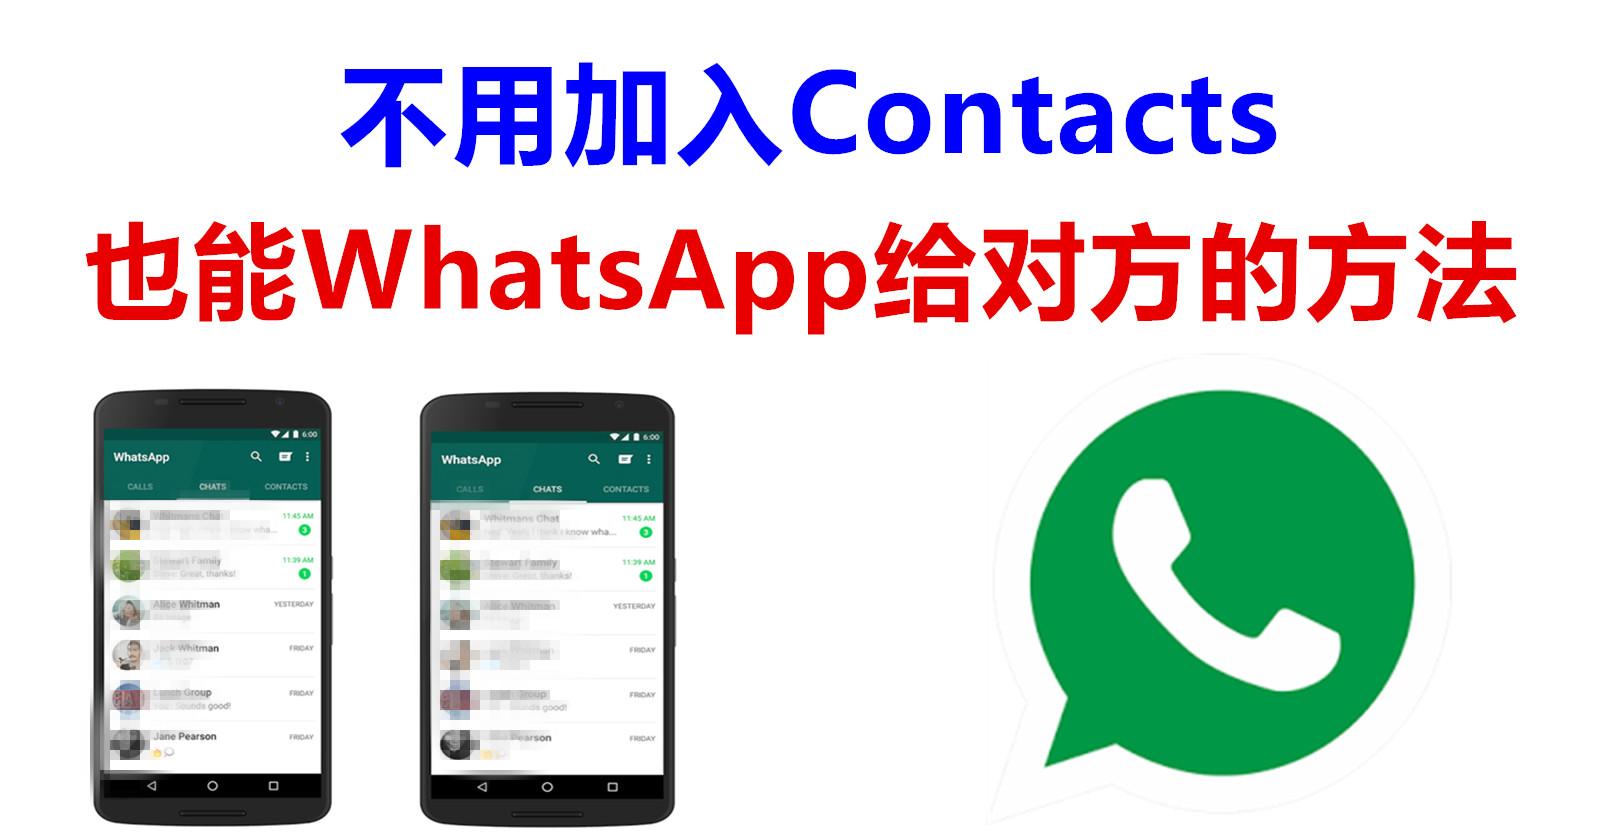 WhatsApp 給陌生號碼的方法 | LC 小傢伙綜合網